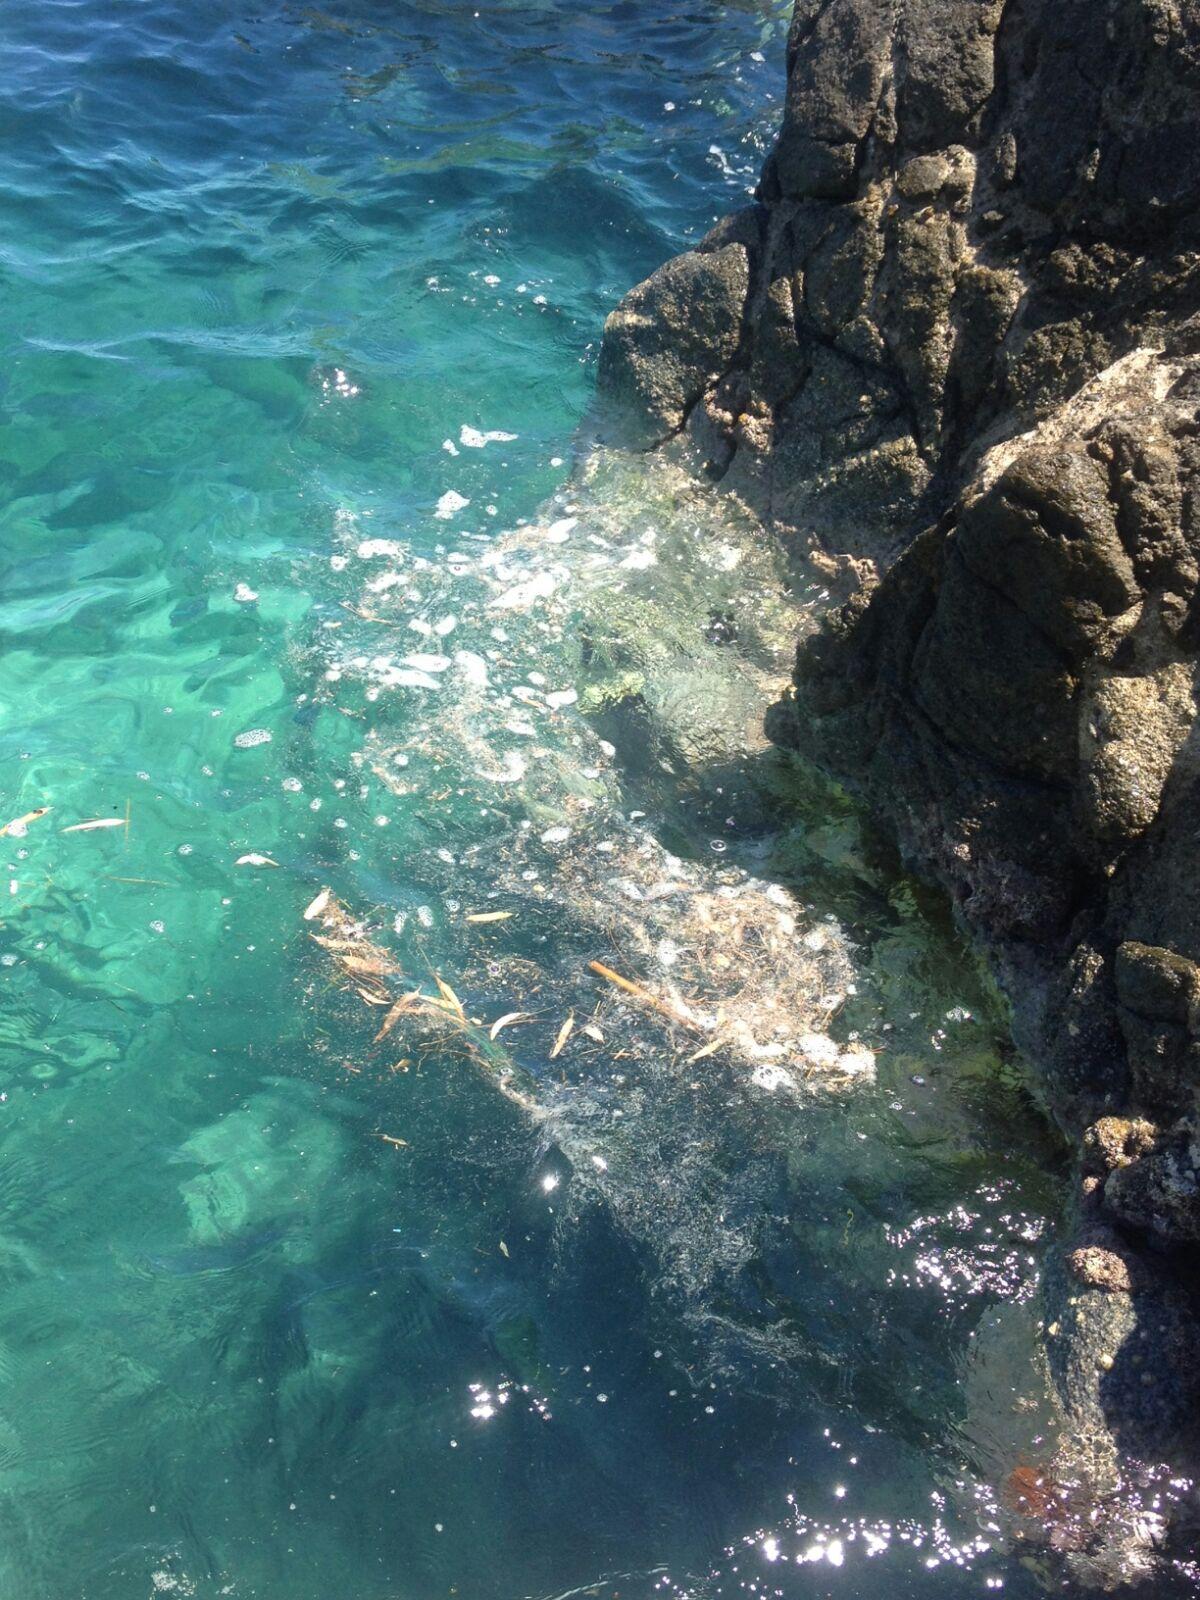 Mare sporco, degrado crescente e insopportabileTutti gli anni in estate gli stessi problemi